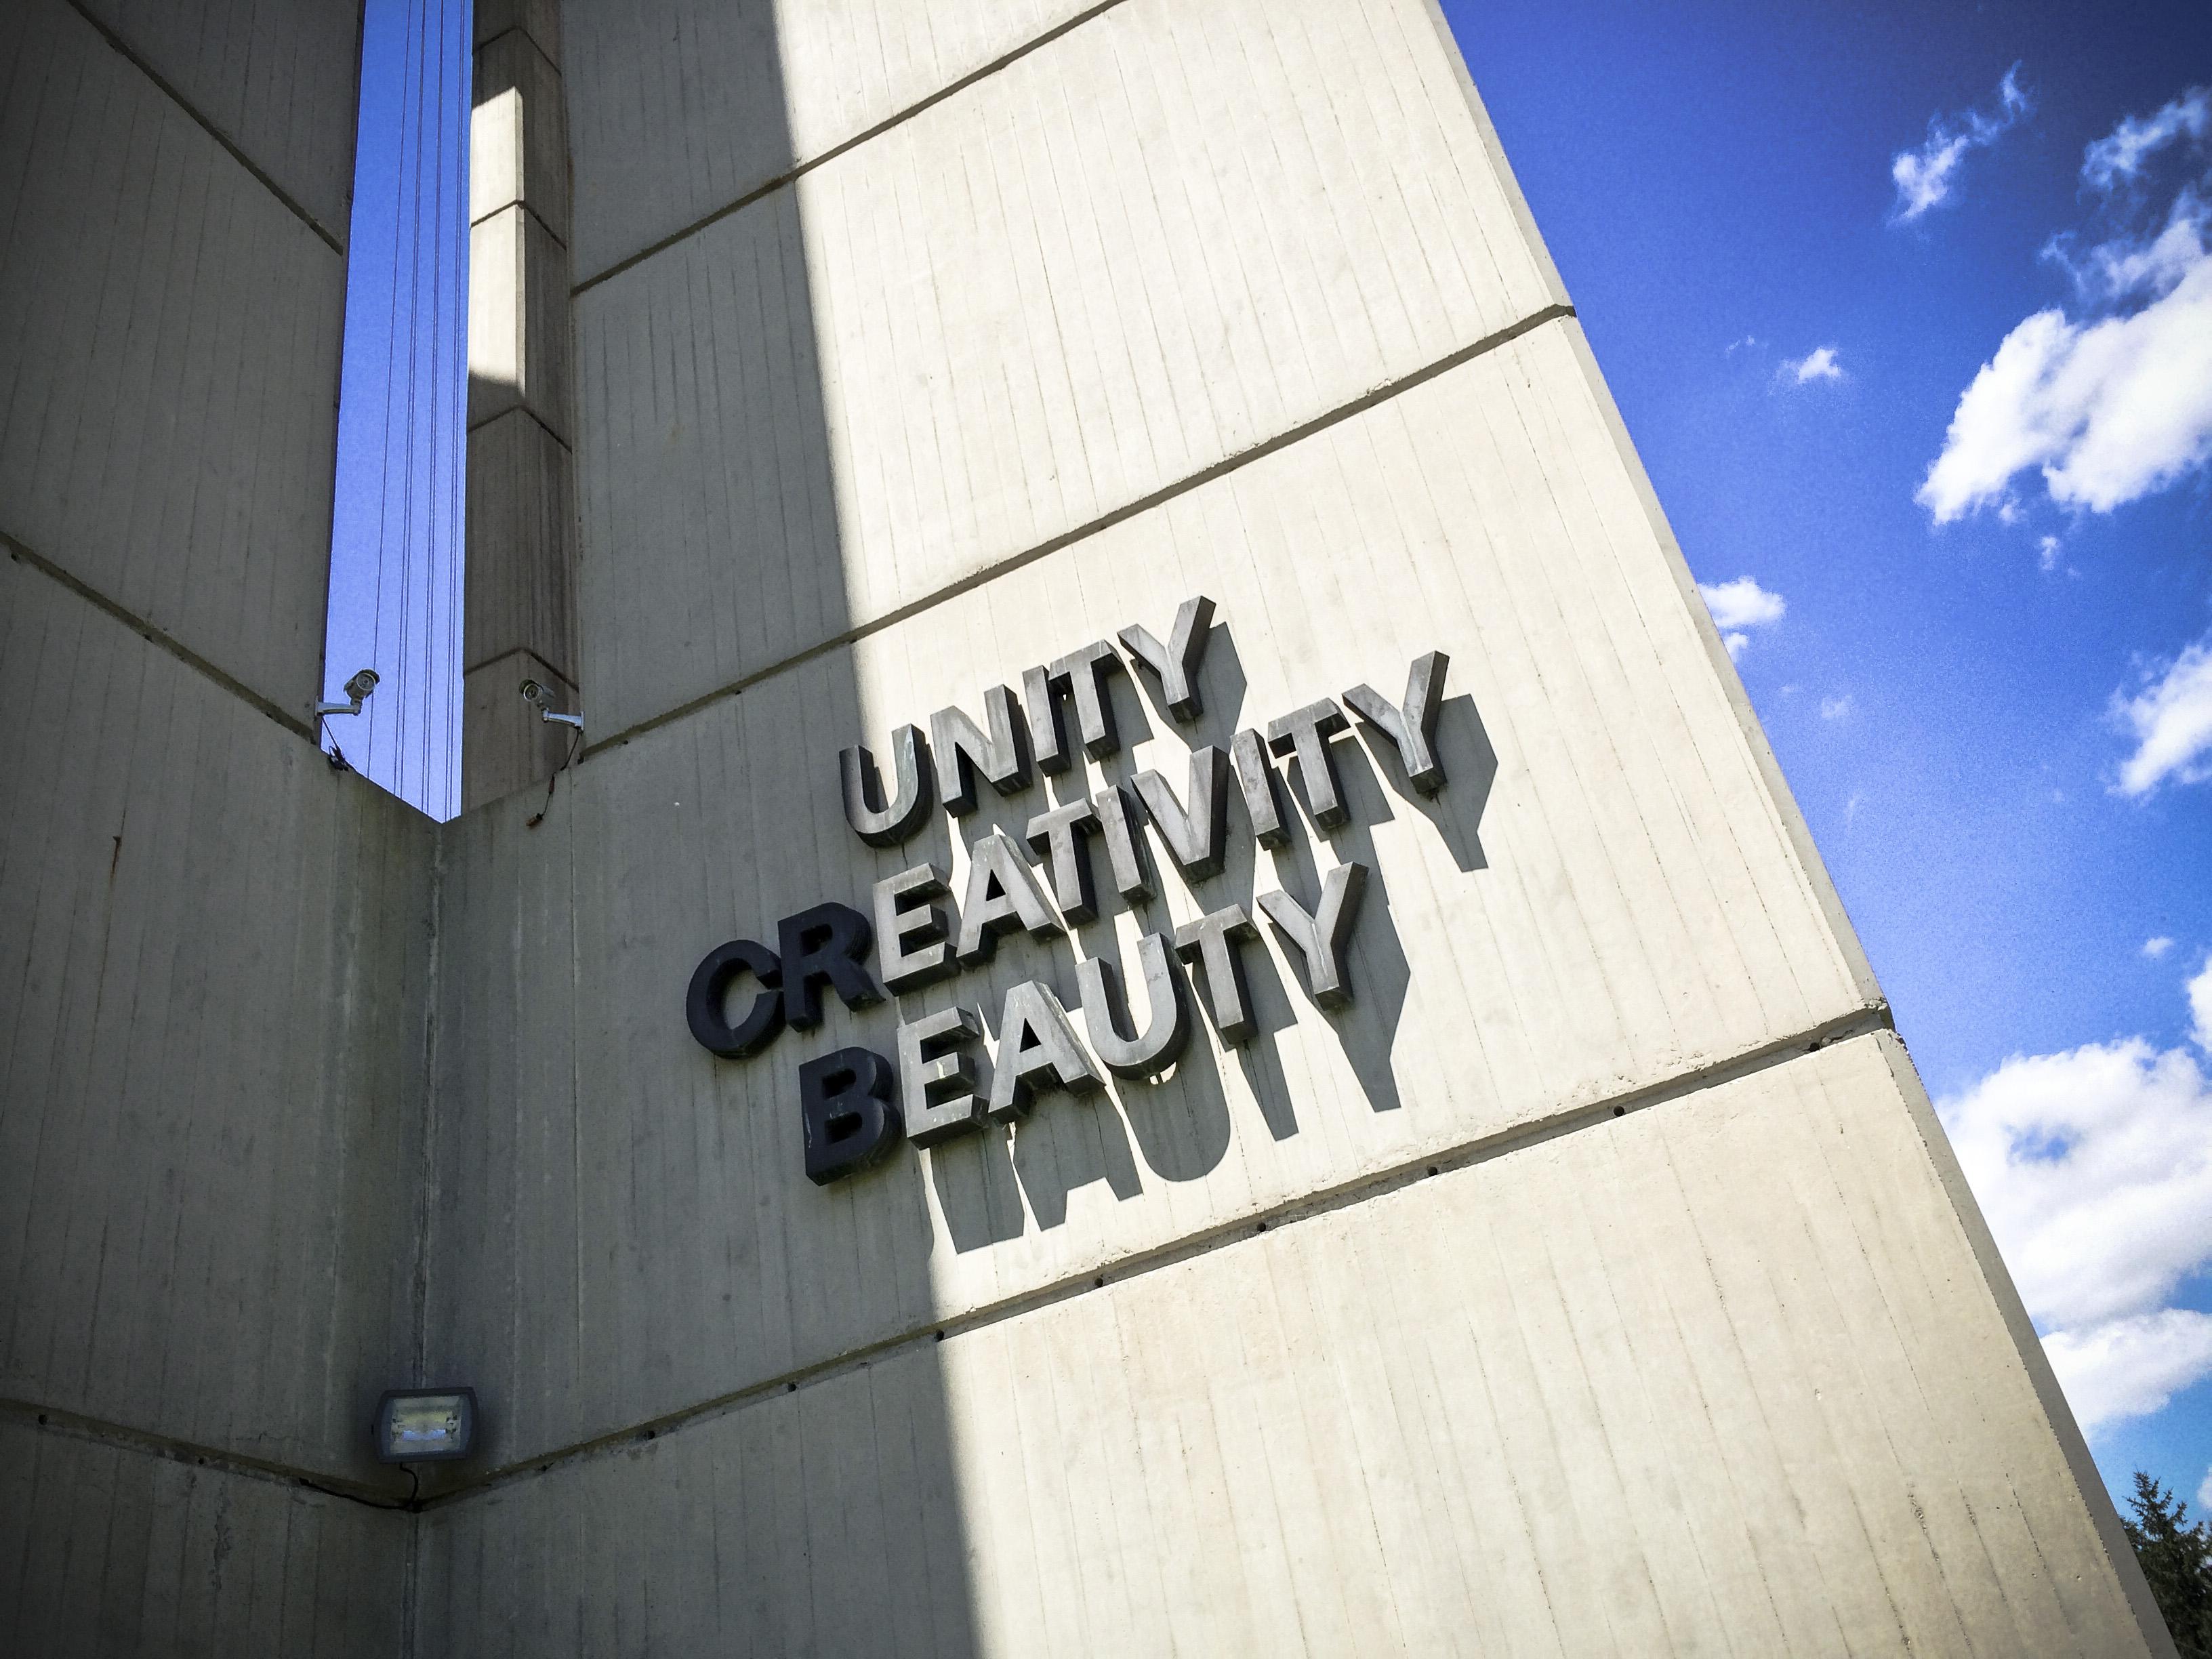 UnityCreativityBeauty